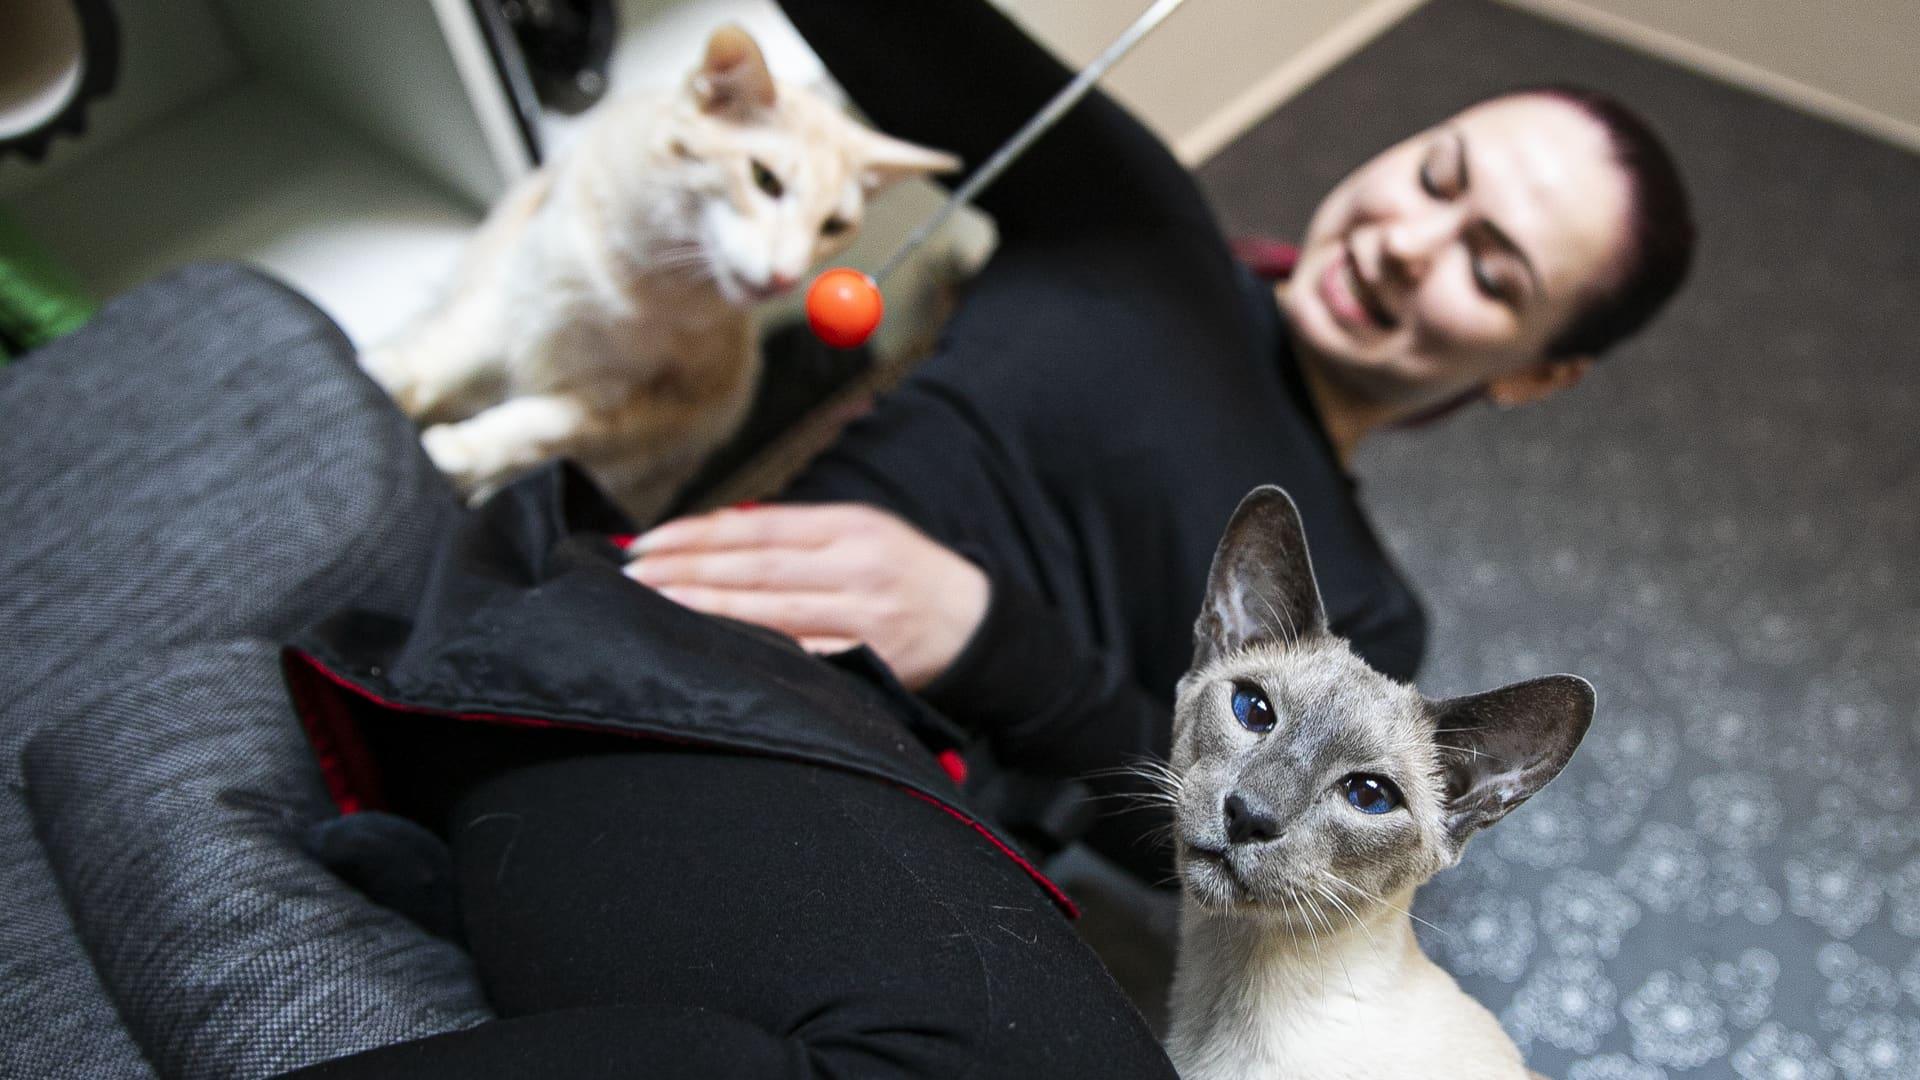 Kaksi rotukissaa on sohvalla nuoren naisen ympärillä. Harmaa sinisilmäinen kissa katsoo kohti. Nainen näyttää toiselle kissalle puikkoa, jonka päässä on oranssi pallo.